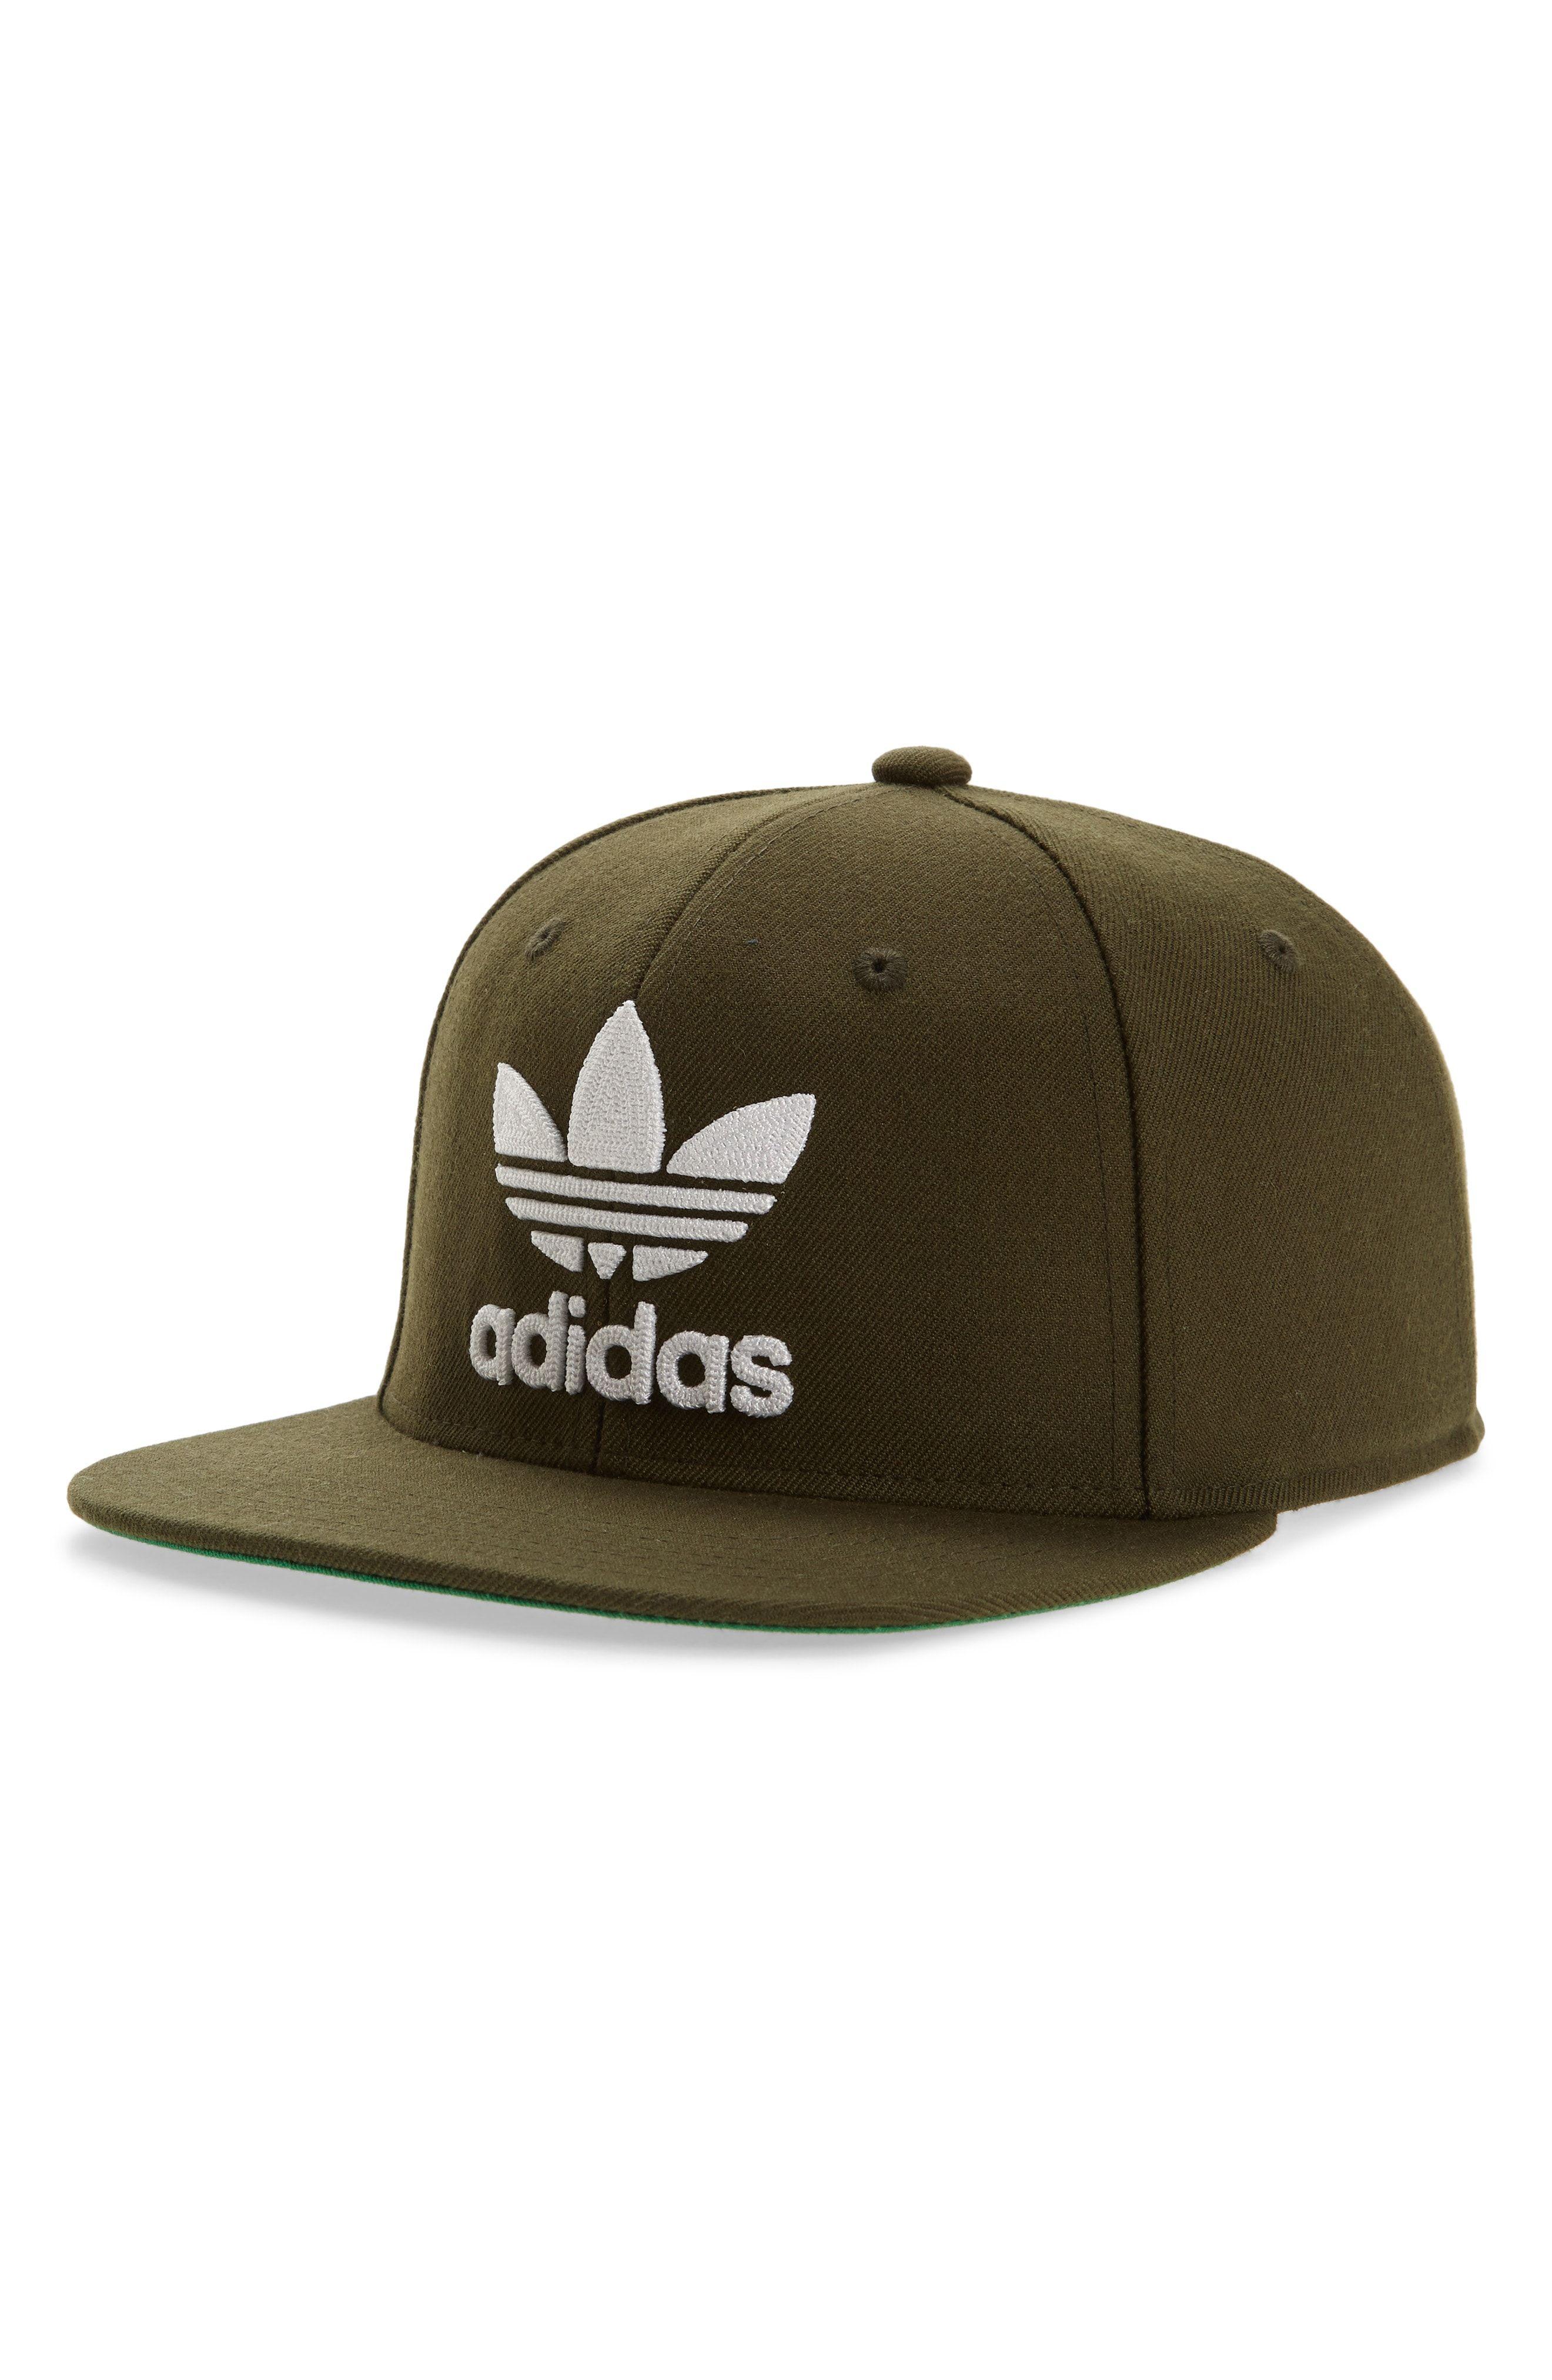 cad212283cb43 ADIDAS ORIGINALS TREFOIL CHAIN SNAPBACK BASEBALL CAP - GREEN.   adidasoriginals